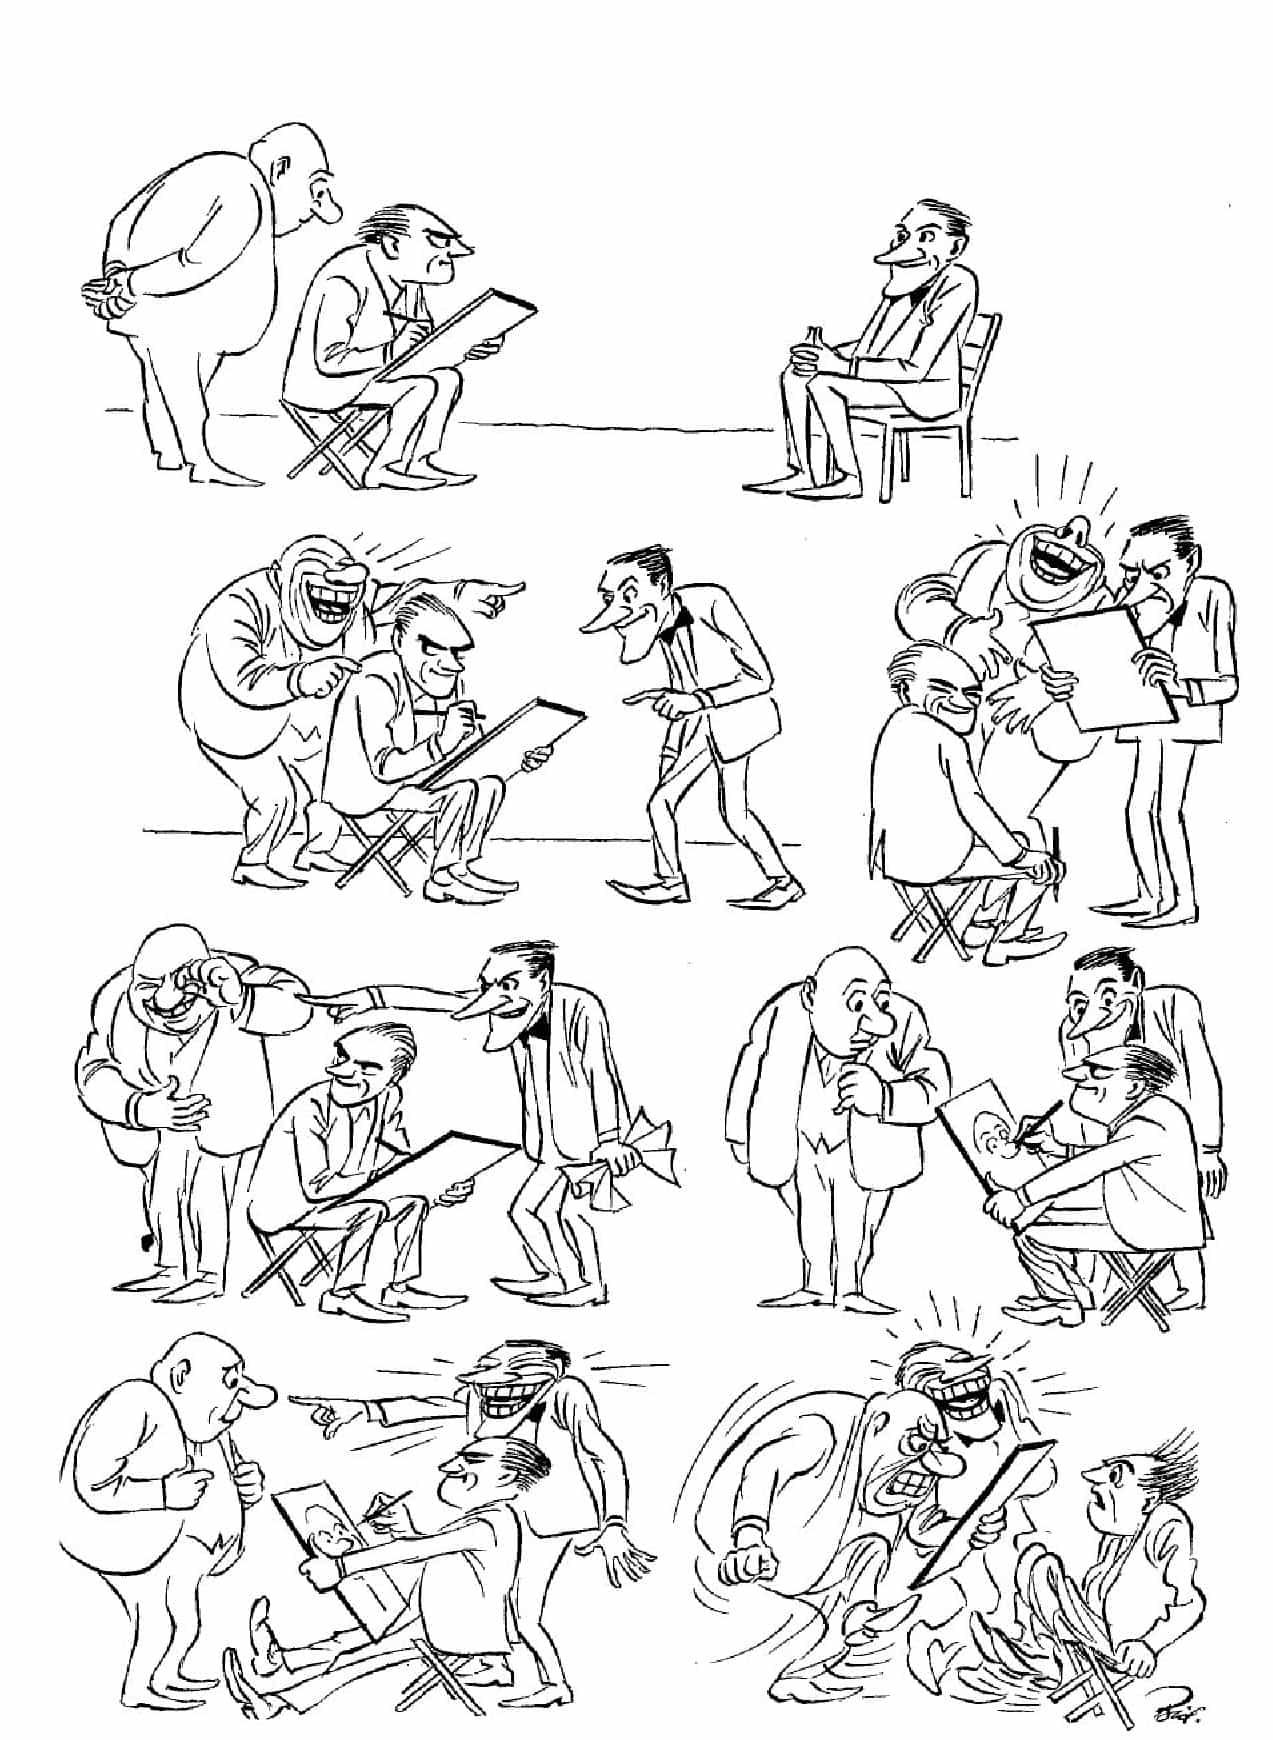 Херлуф Бидструп - Карикатура